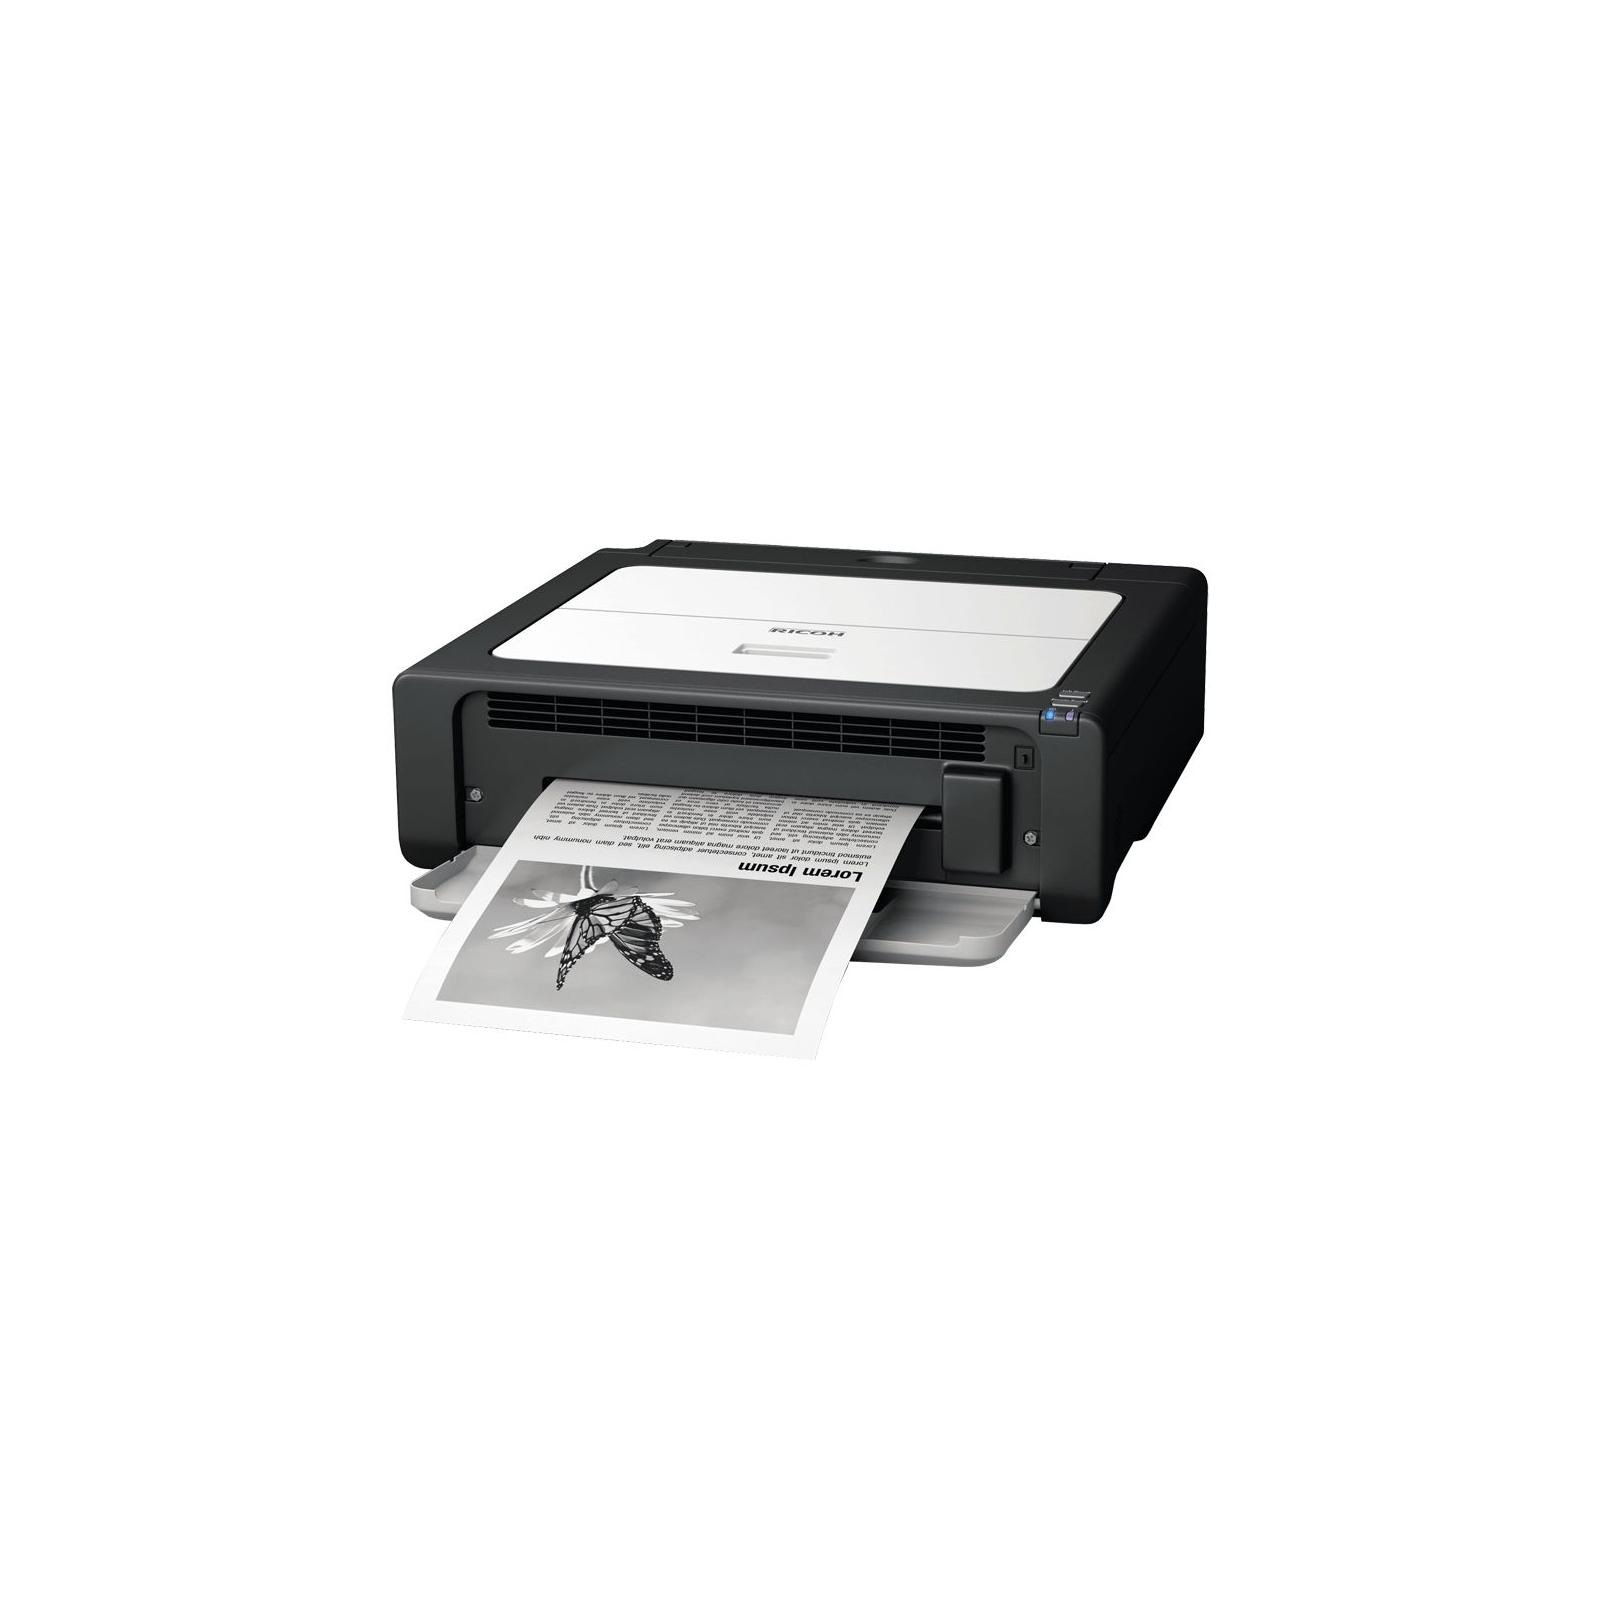 Лазерный принтер Ricoh SP100 (407490) изображение 4